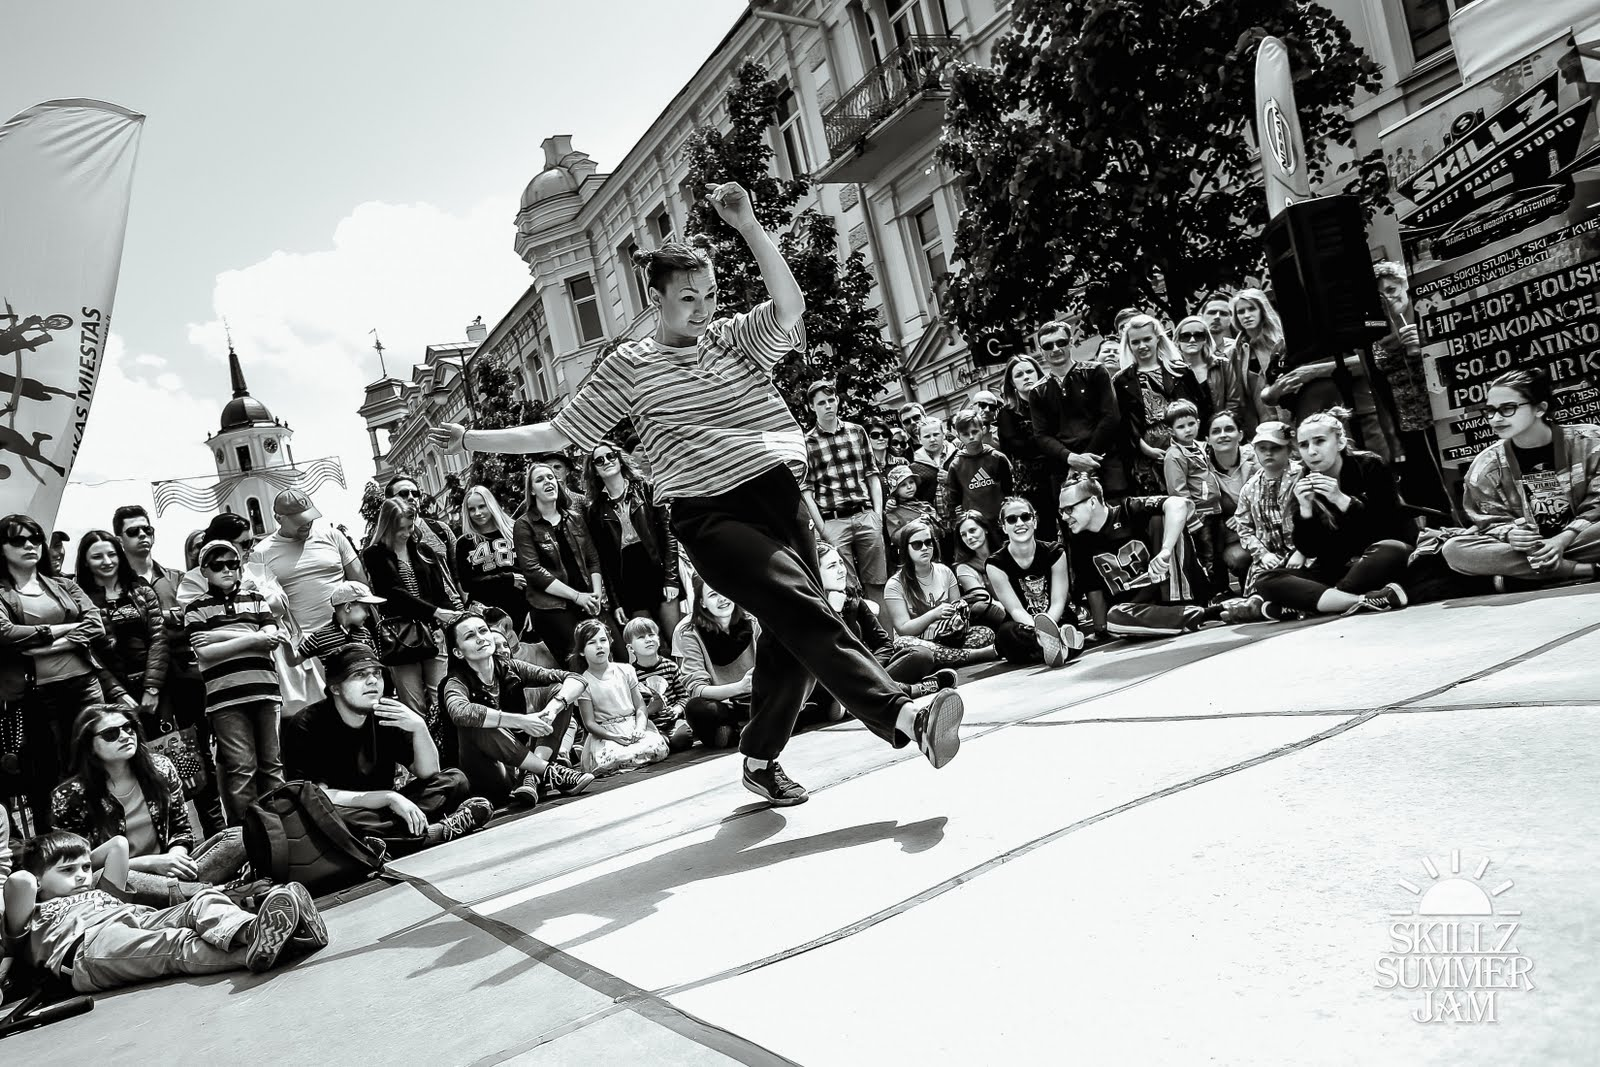 SKILLZ Summer Jam 2015 - IMG_5778.jpg